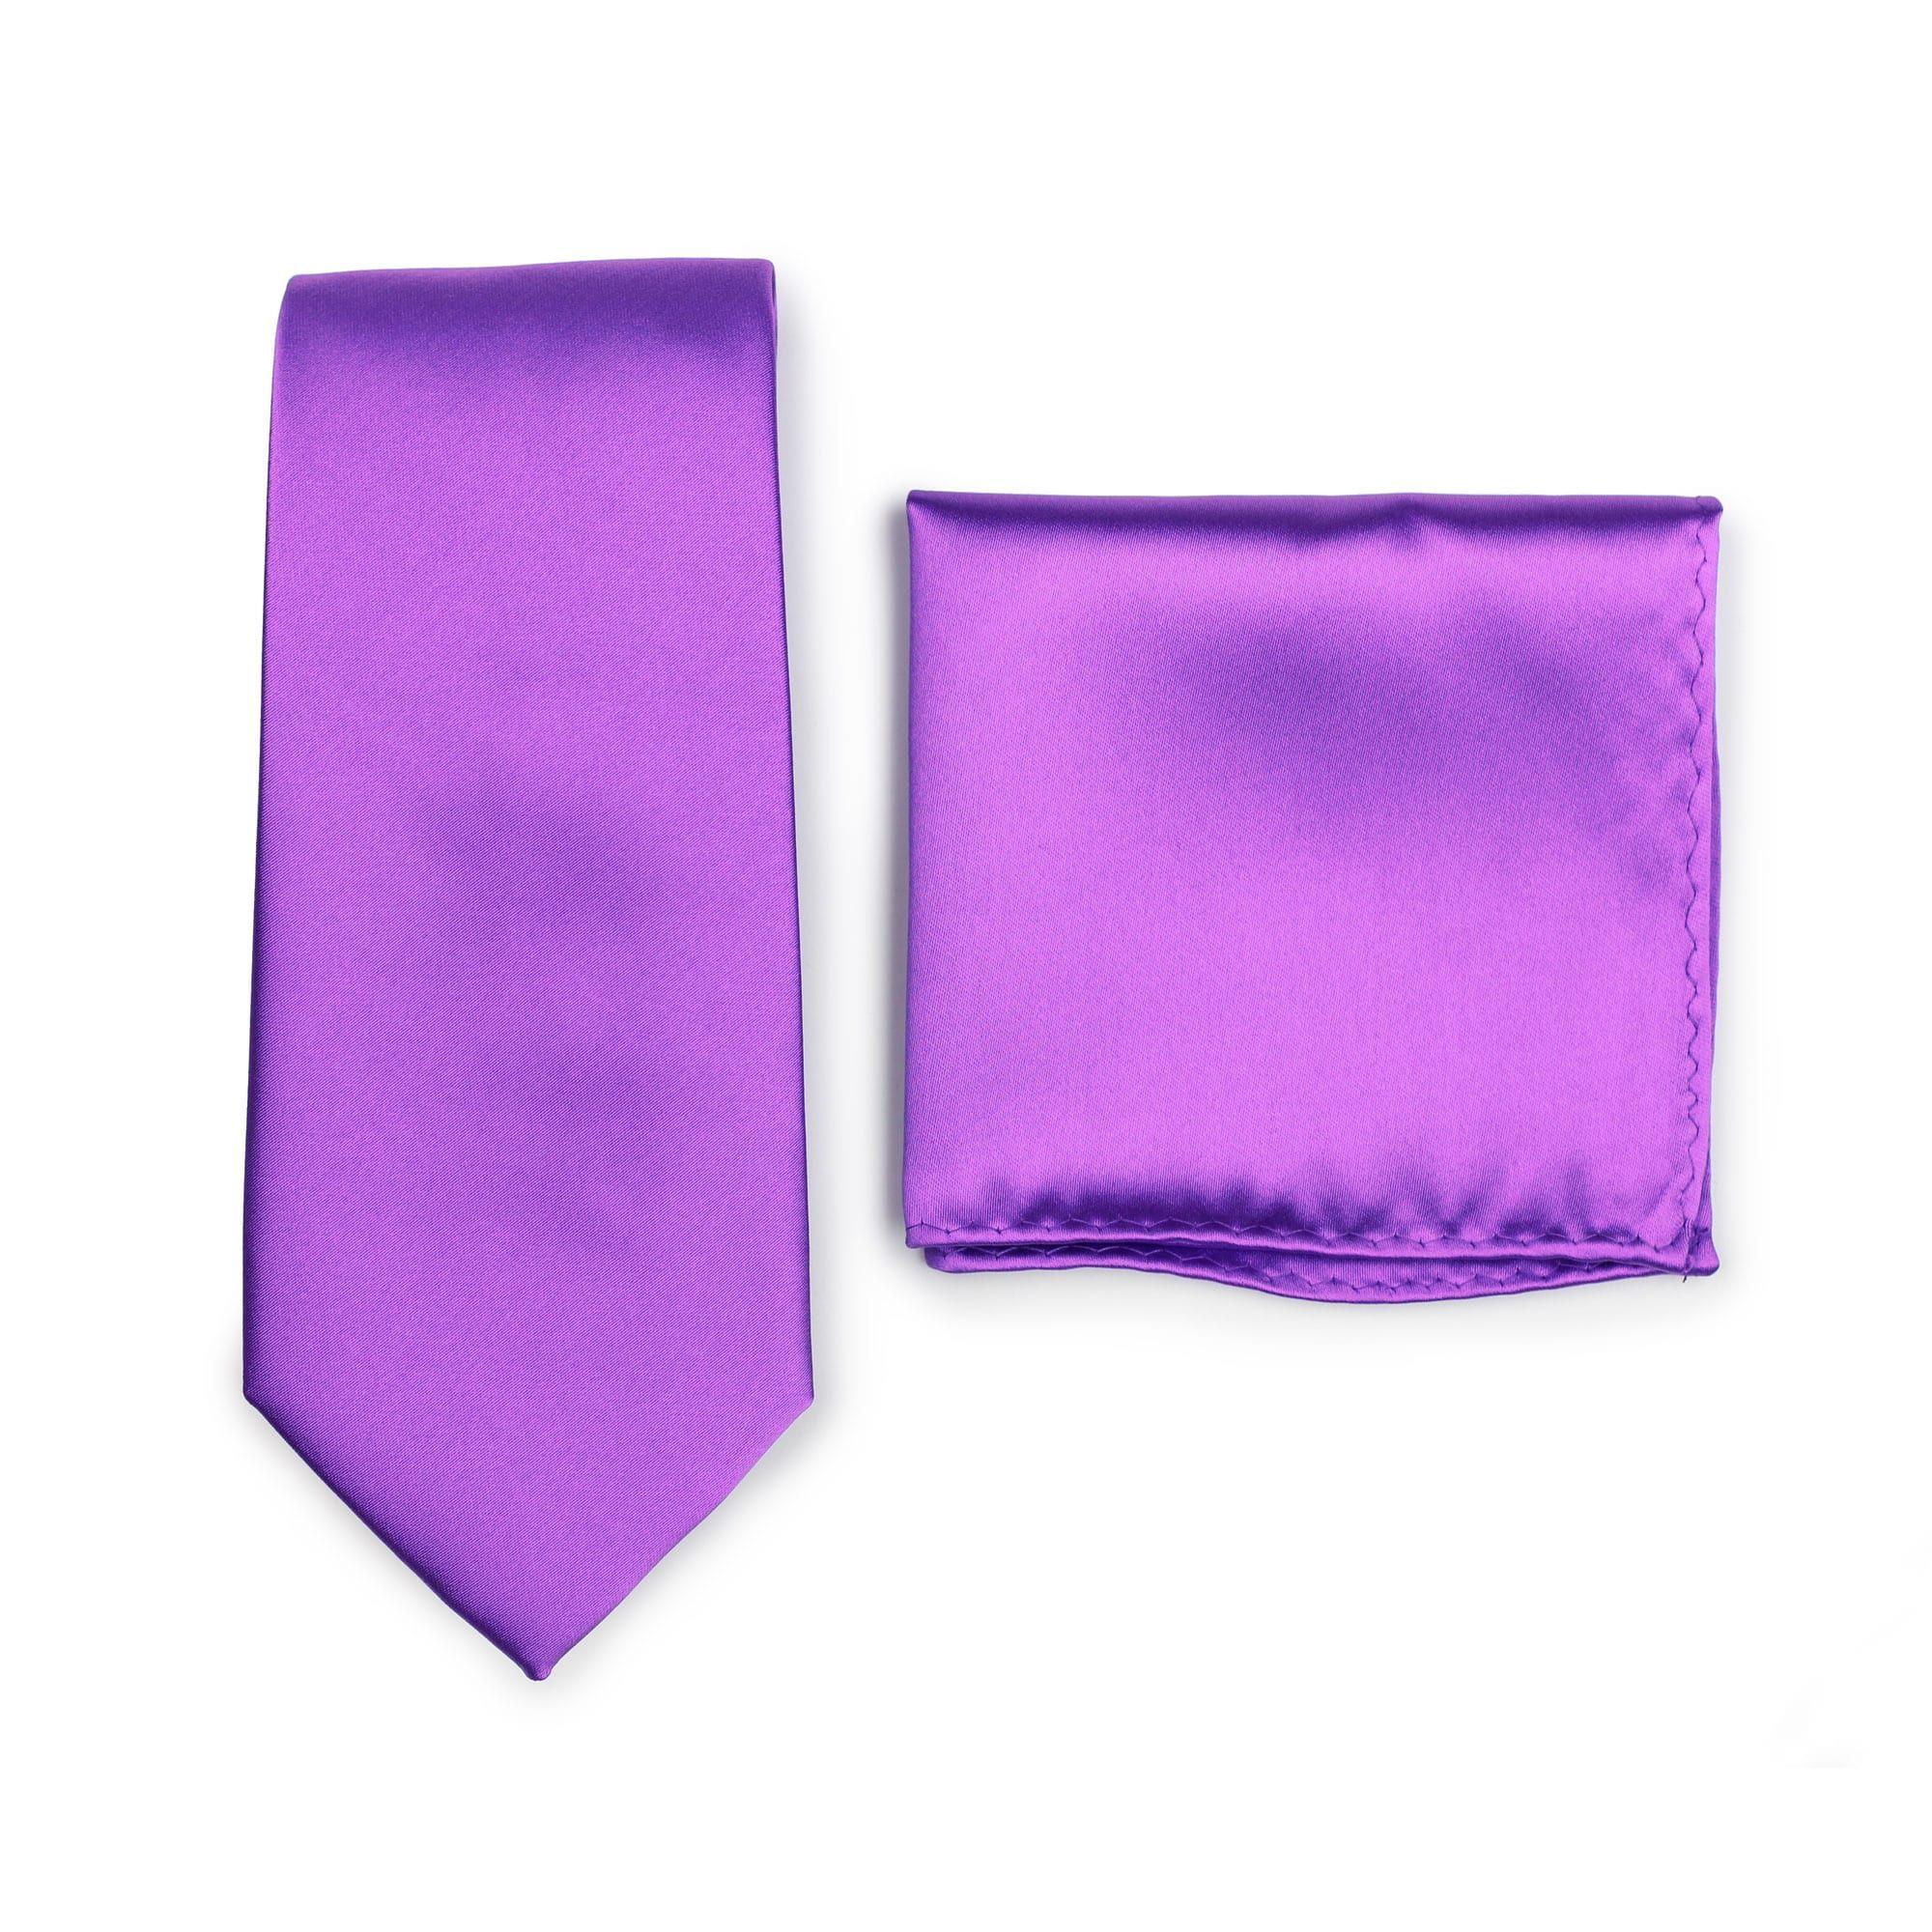 da04122275dc Solid bright purple necktie and matching pocket square | Necktie + ...